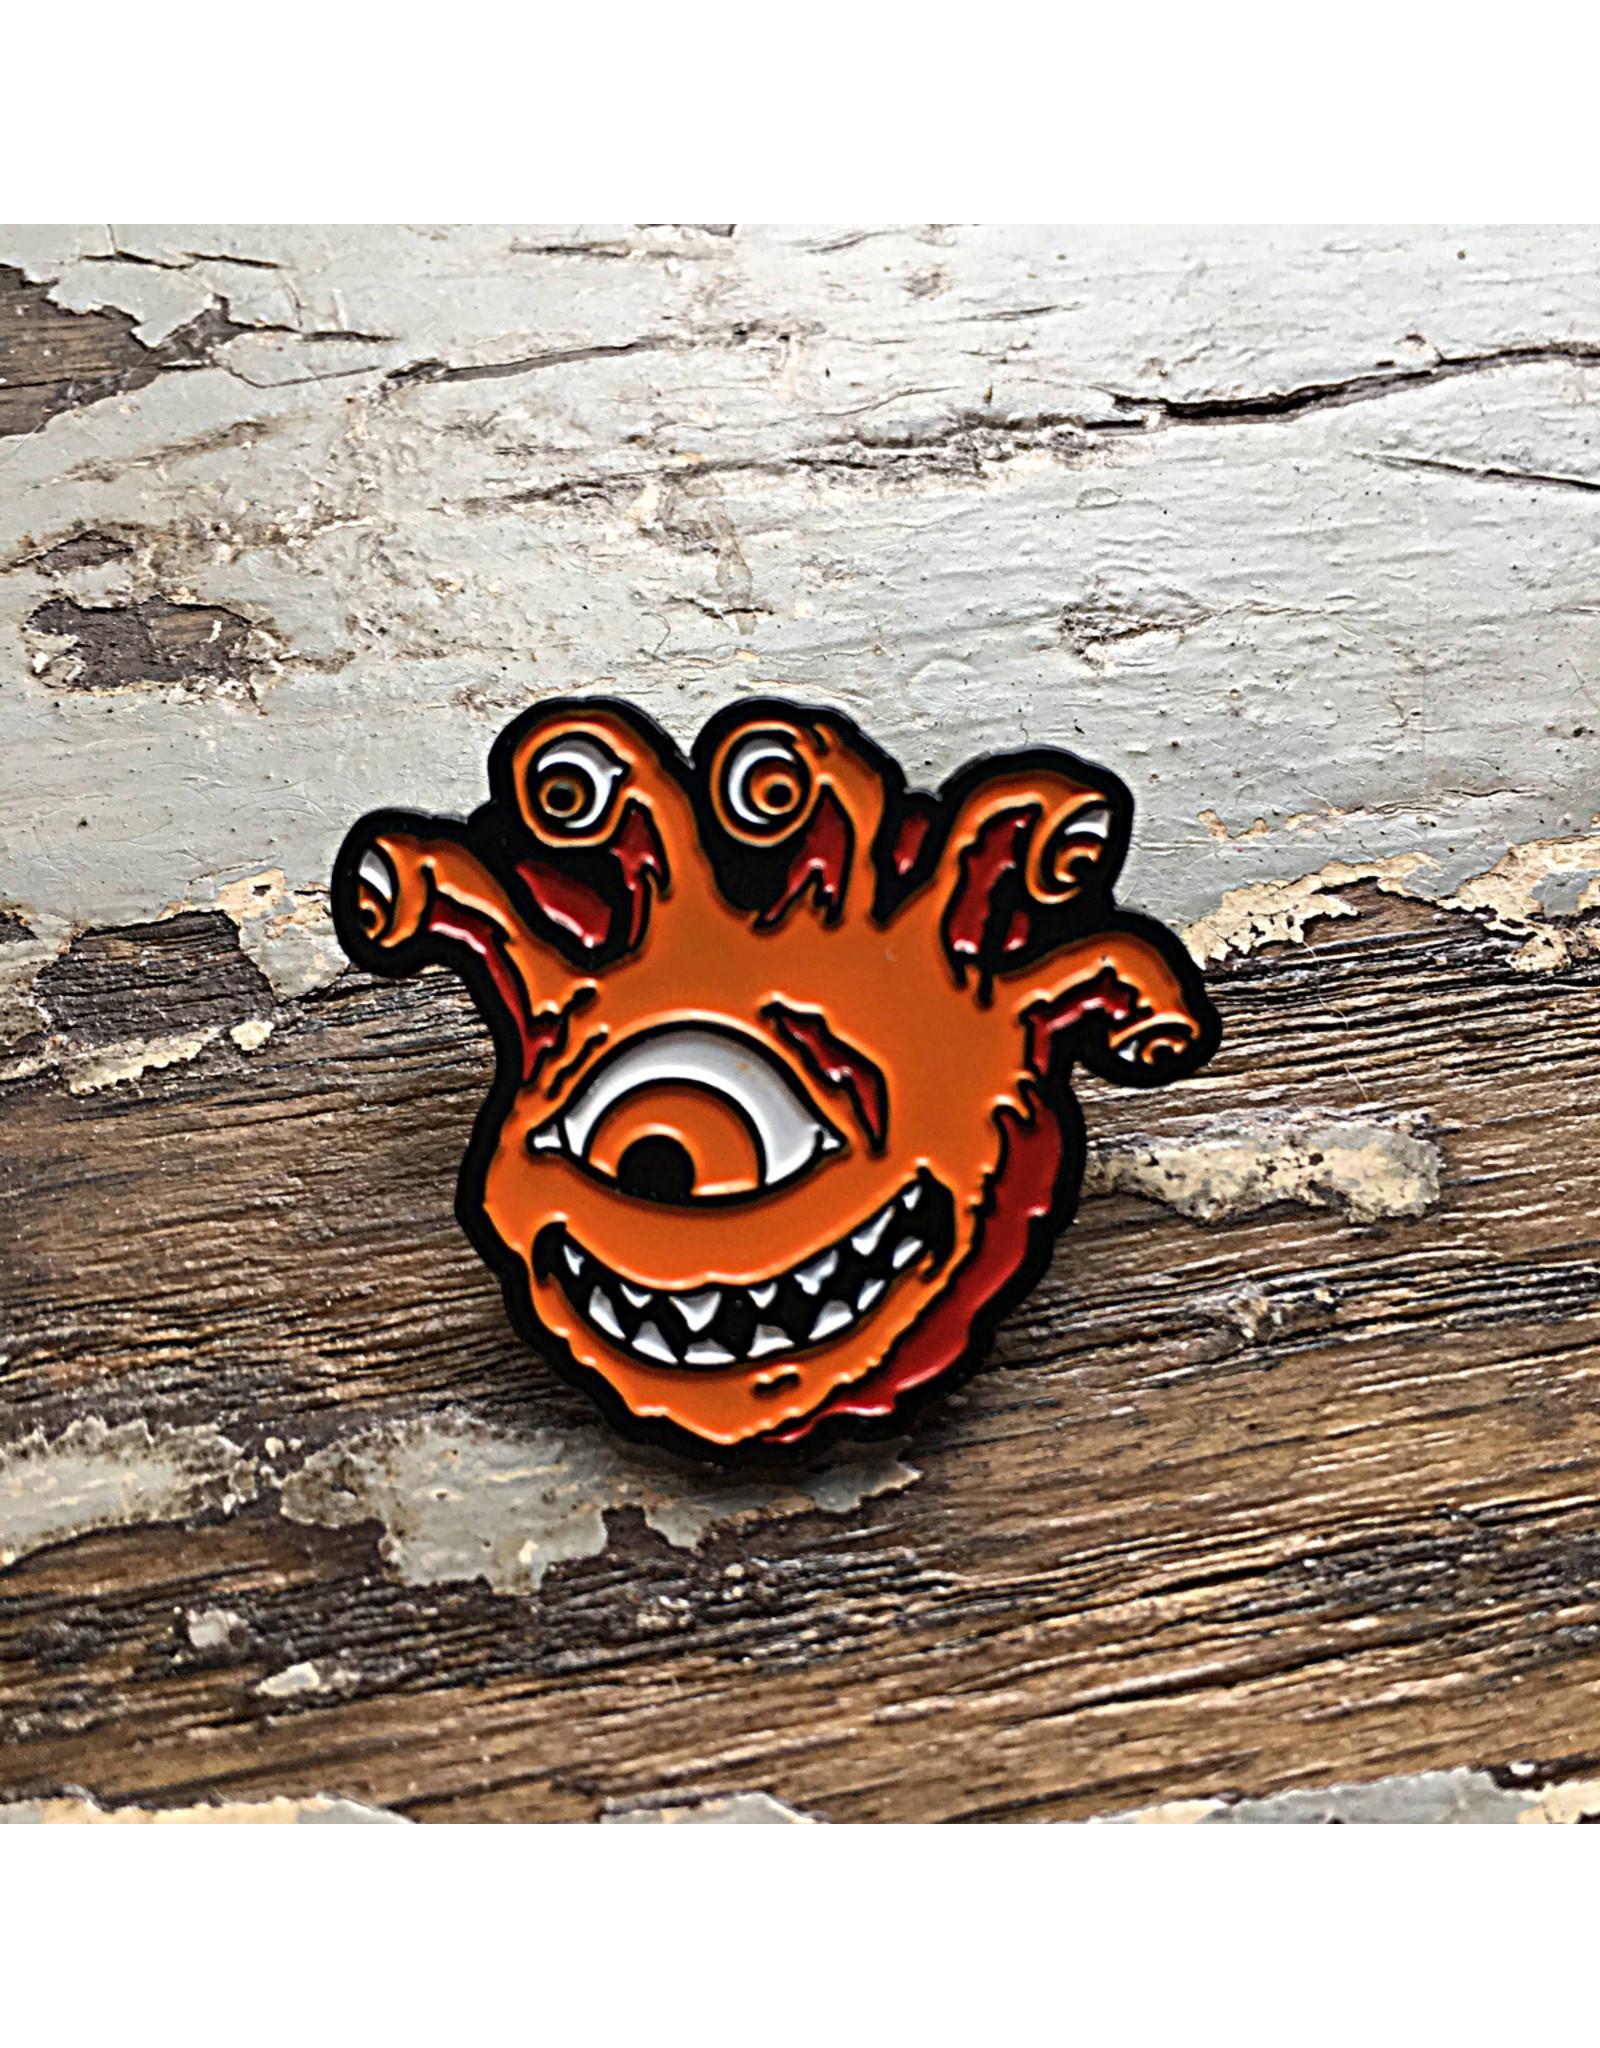 Creature Curation Eyegor Orange – Pin